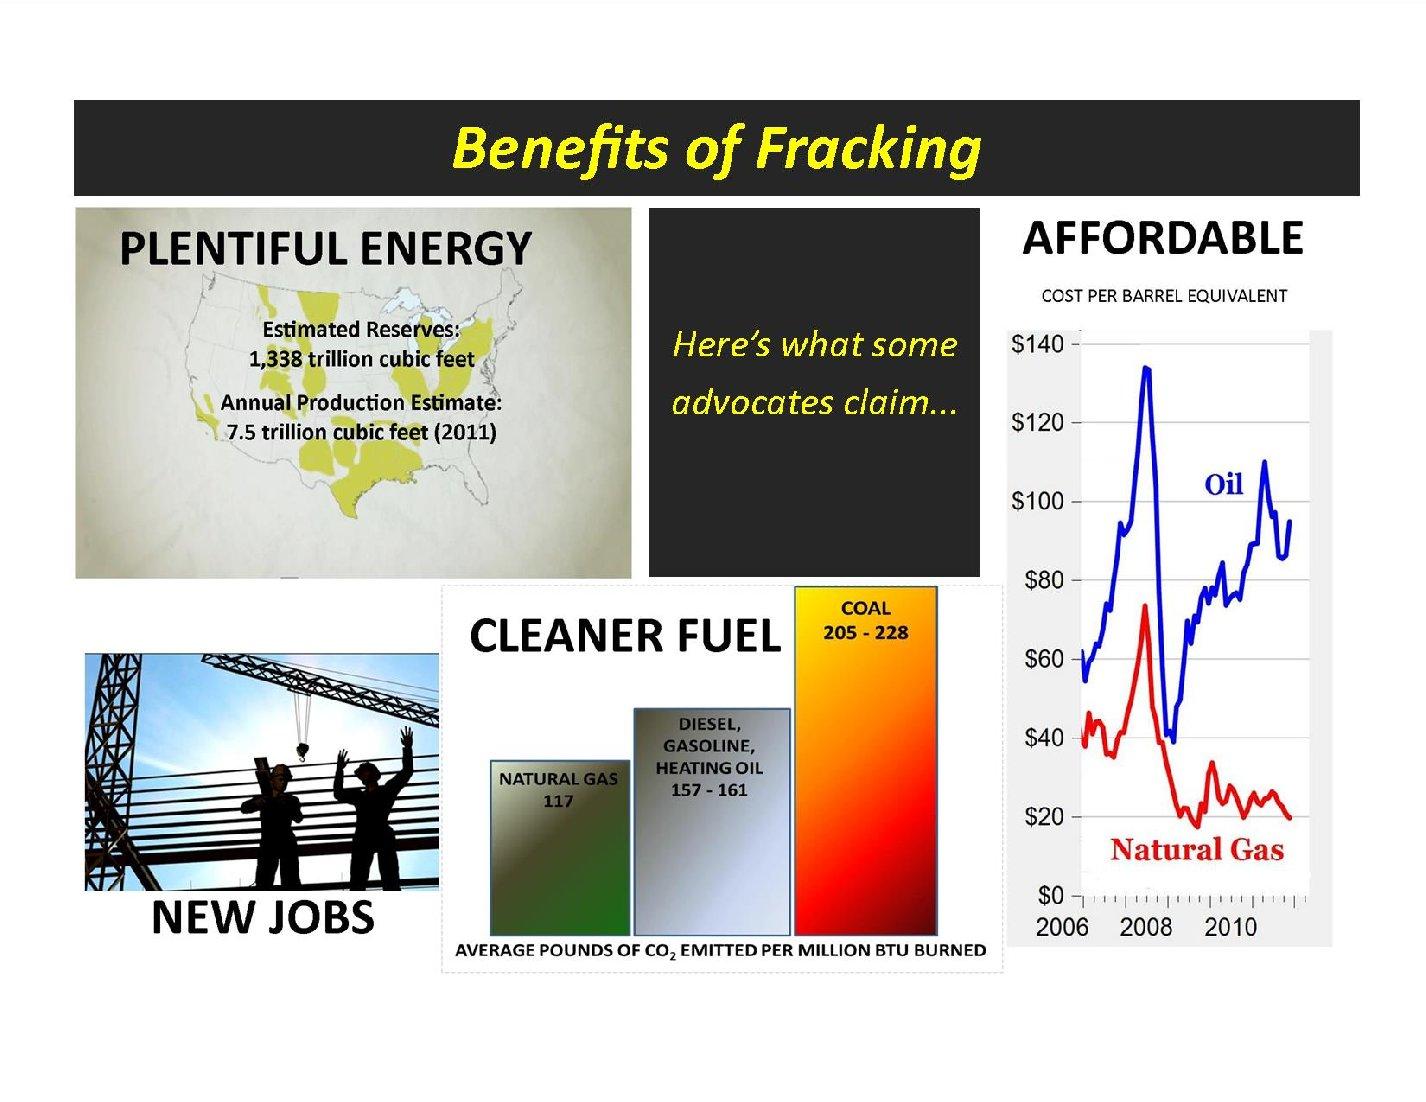 Frack Benefits 1.10.2014